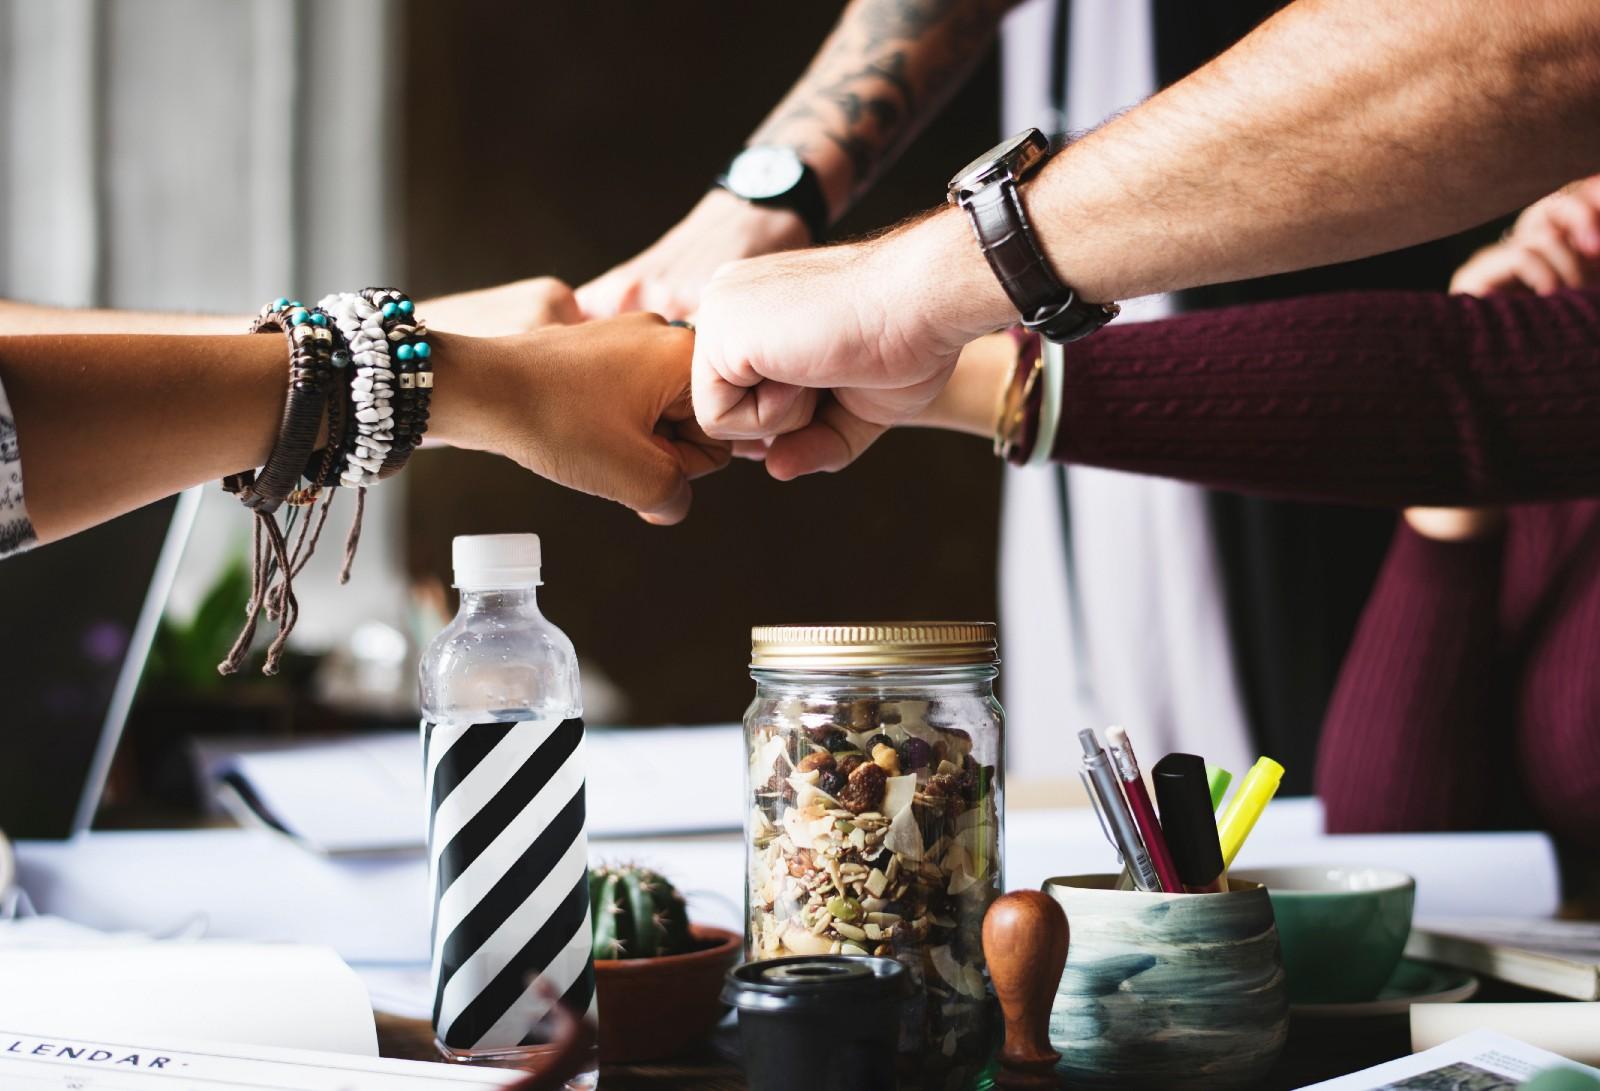 ارزیابی فرهنگ سازمانی و نقش یک مدیرمحصول در این فرهنگسازی